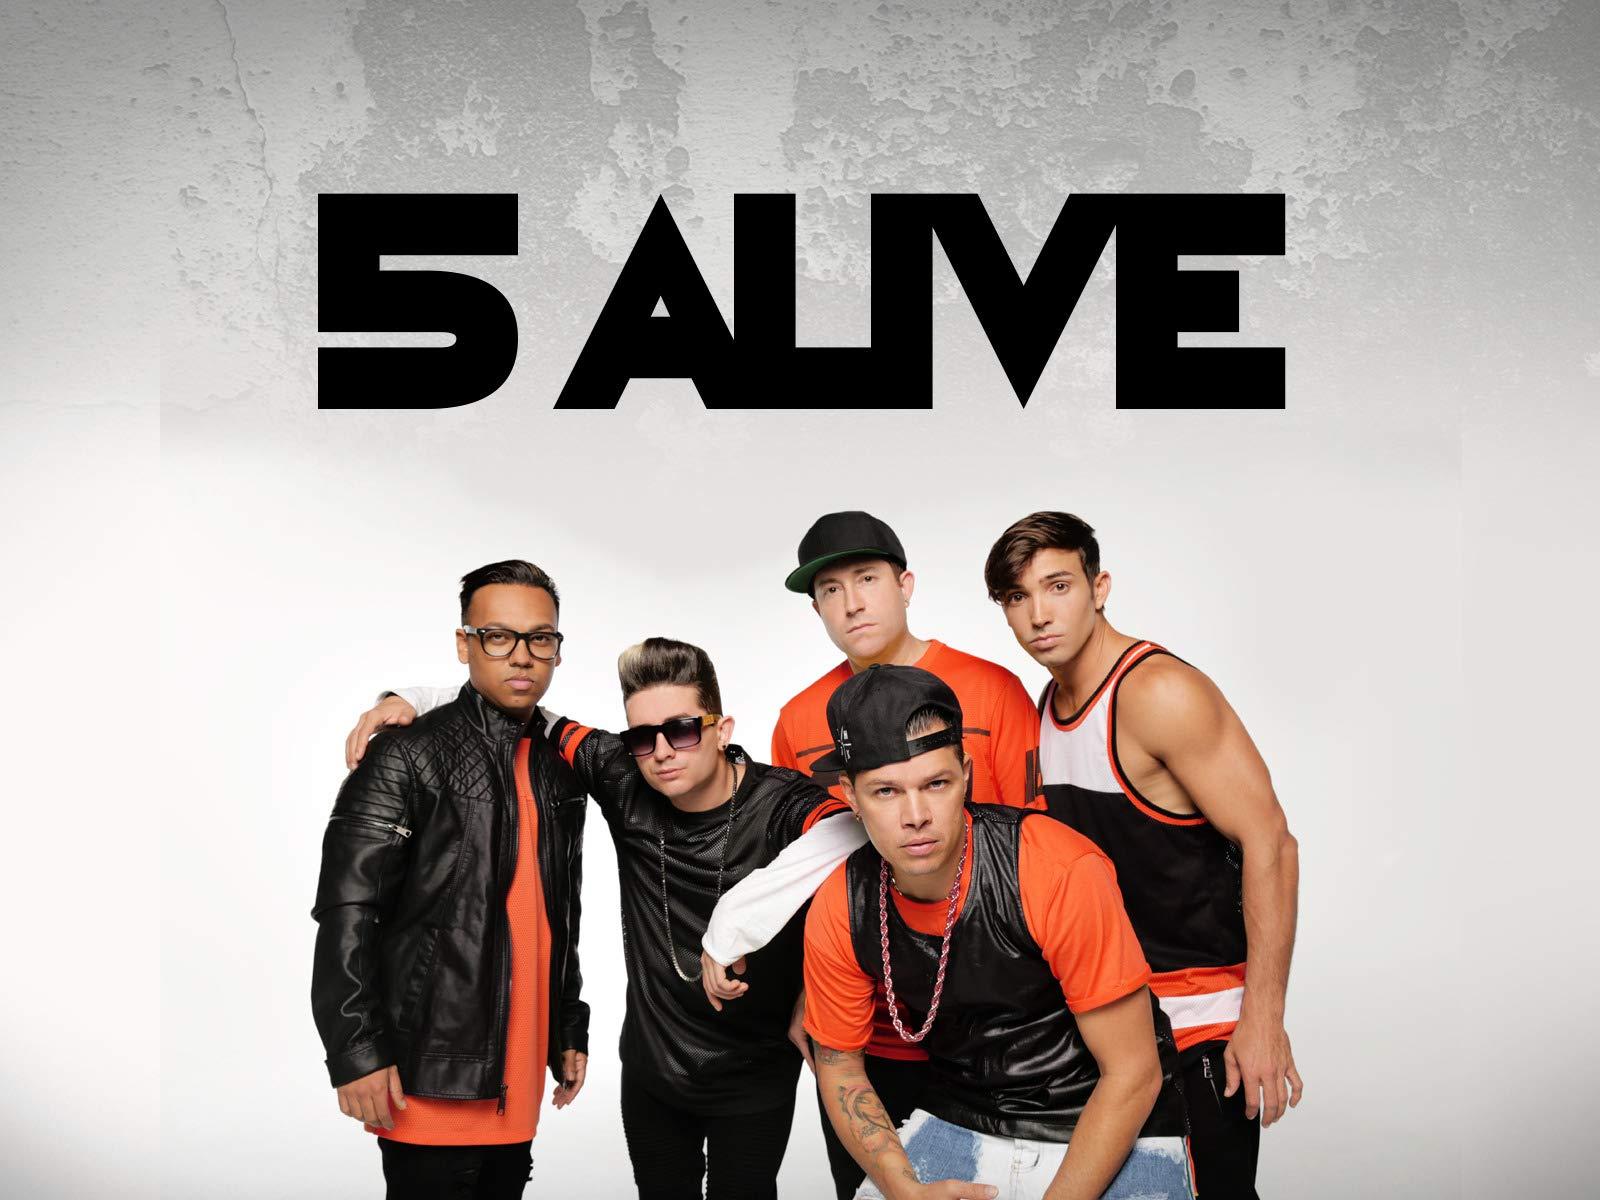 5 Alive - Season 1